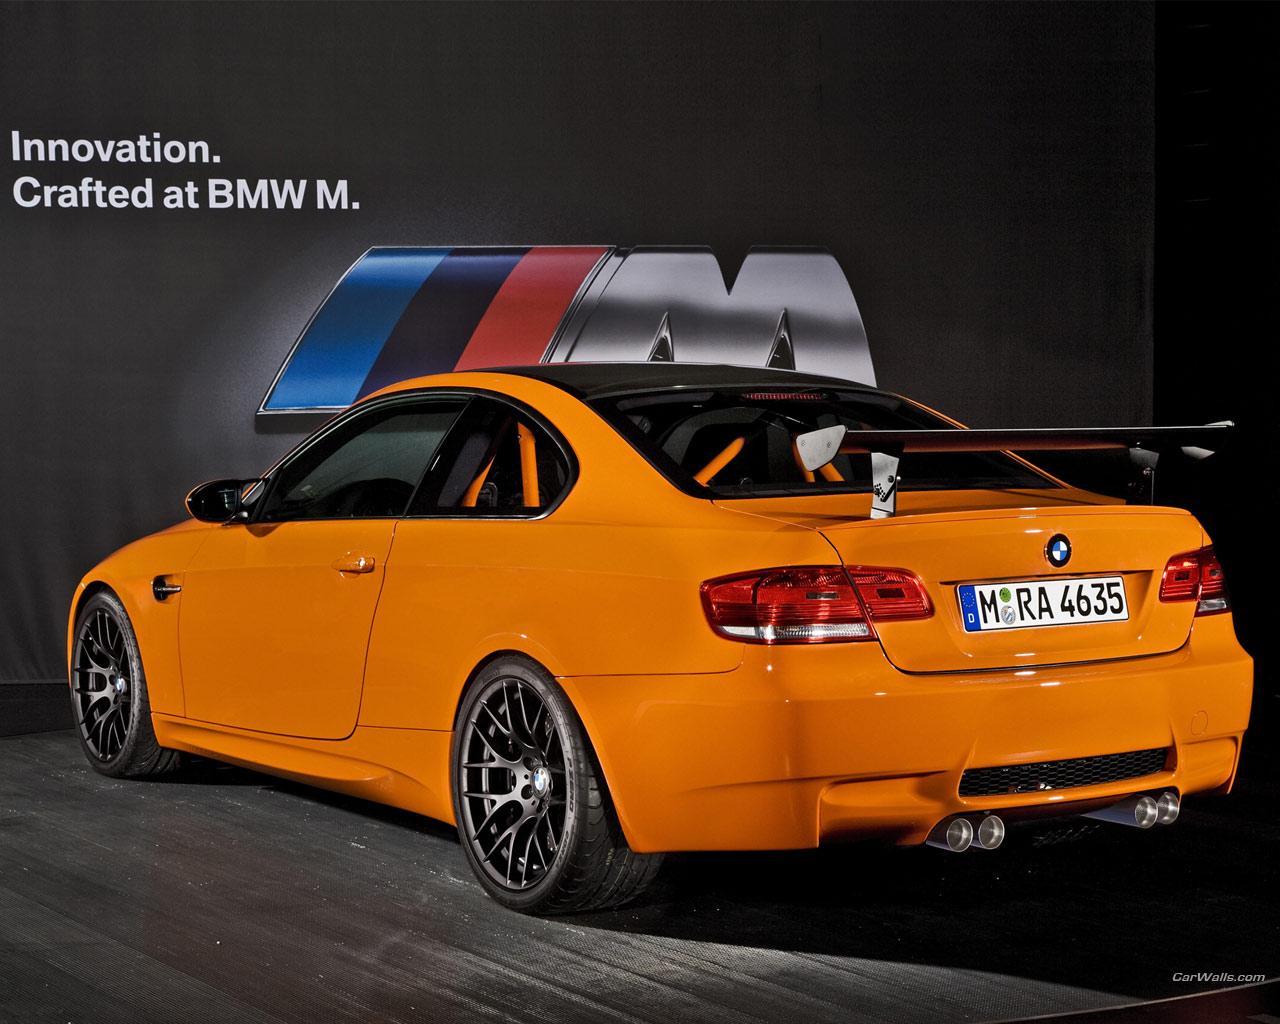 BMW M3 GTS 1280x1024 b33 - Tapety na pulpit - samochody ...